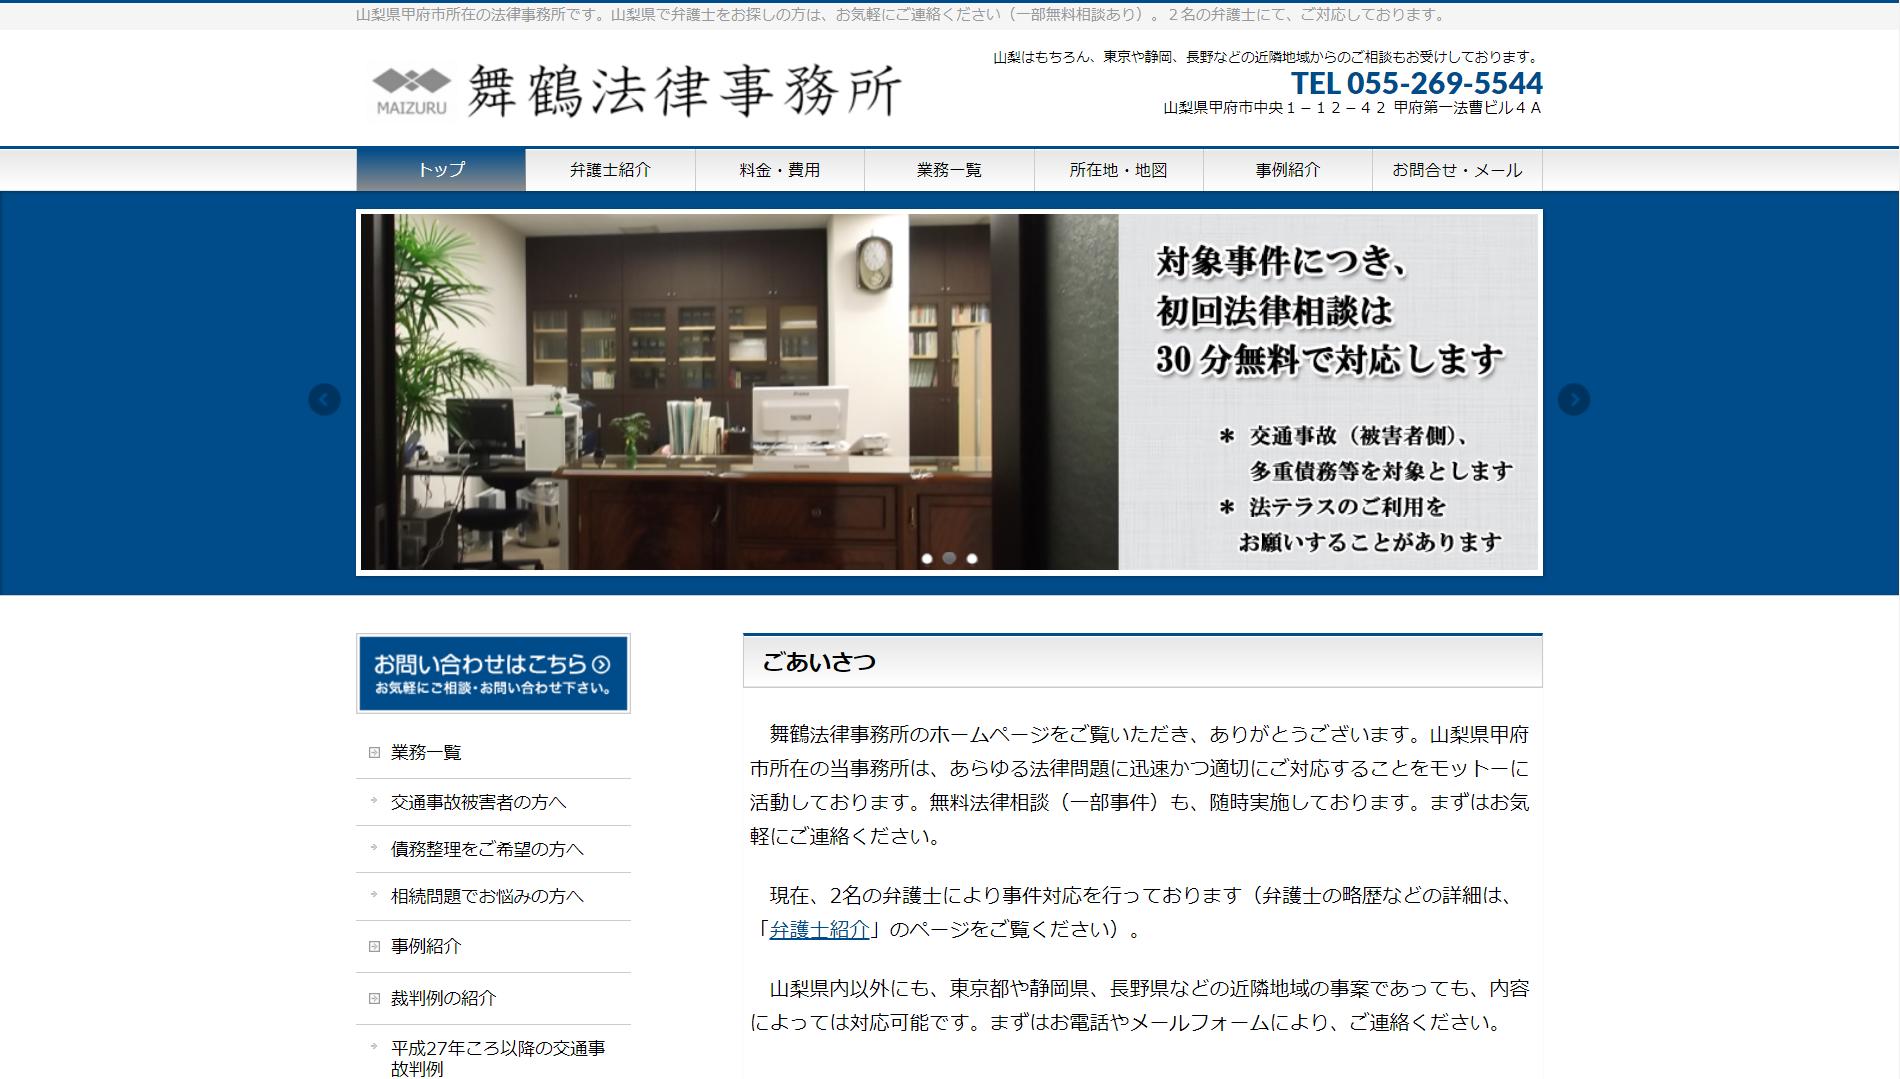 舞鶴法律事務所